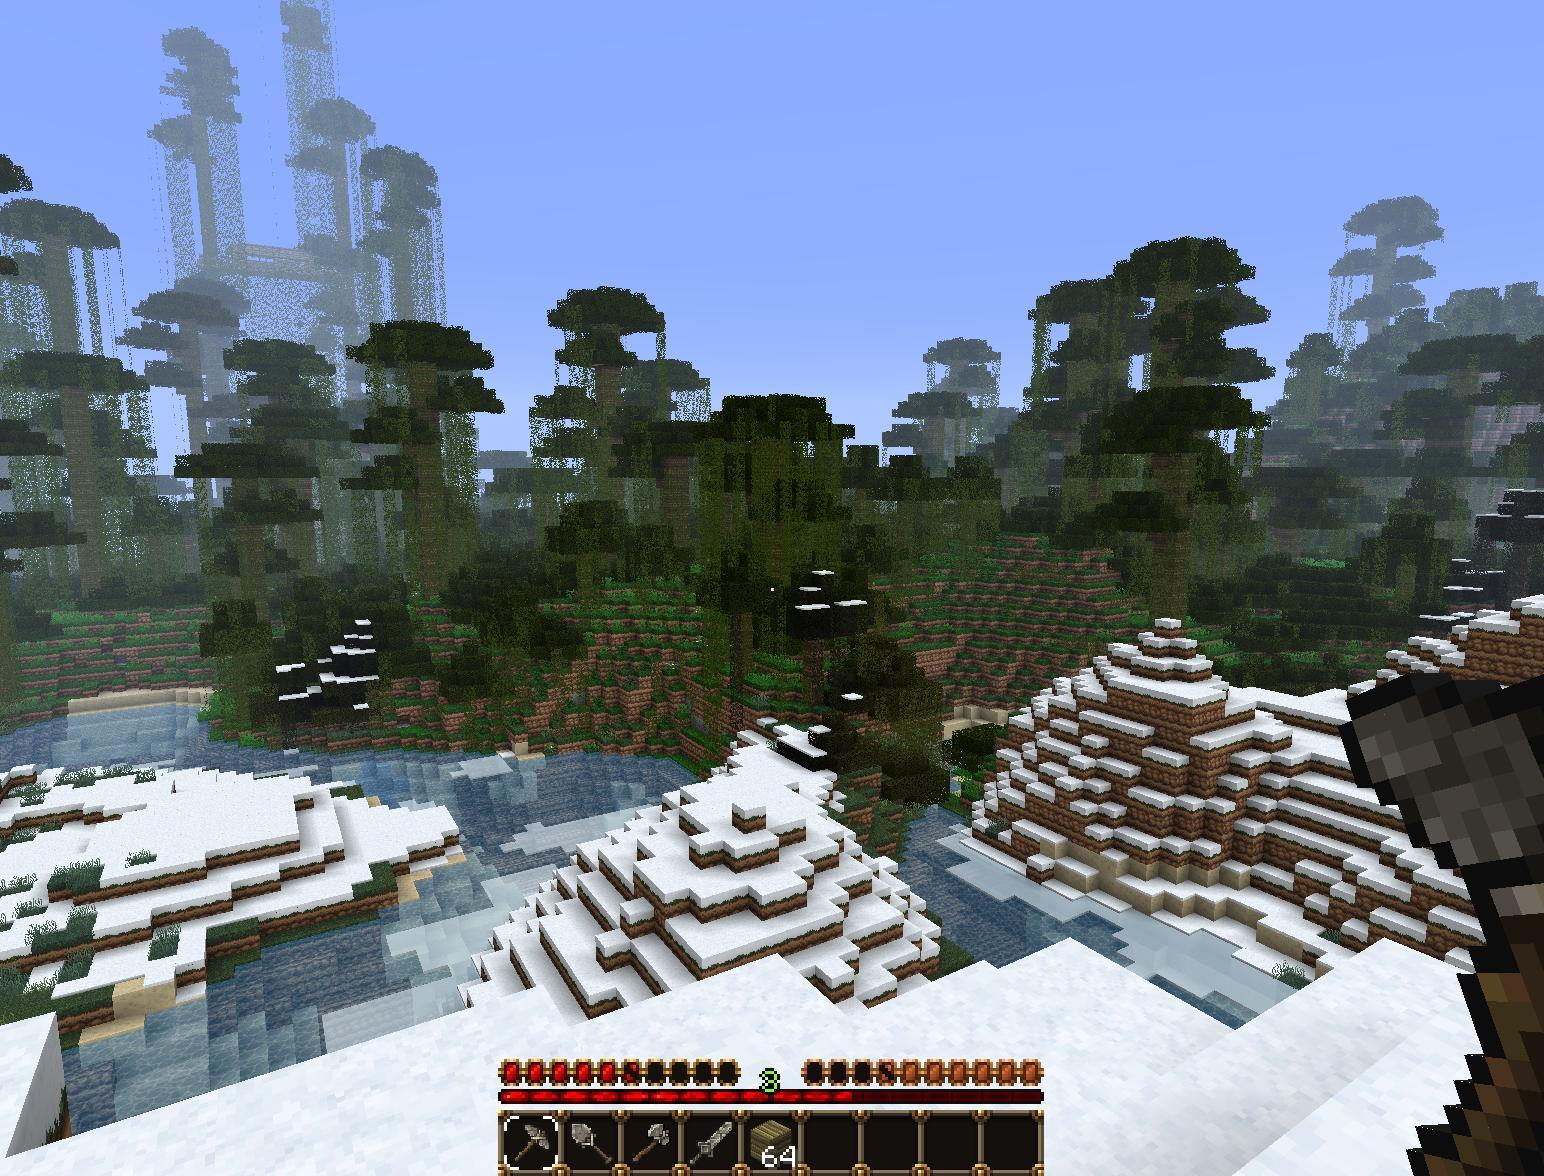 http://minecraft-forum.net/wp-content/uploads/2012/12/12a0a__Emkays-gerudoku-texture-pack-1.jpg